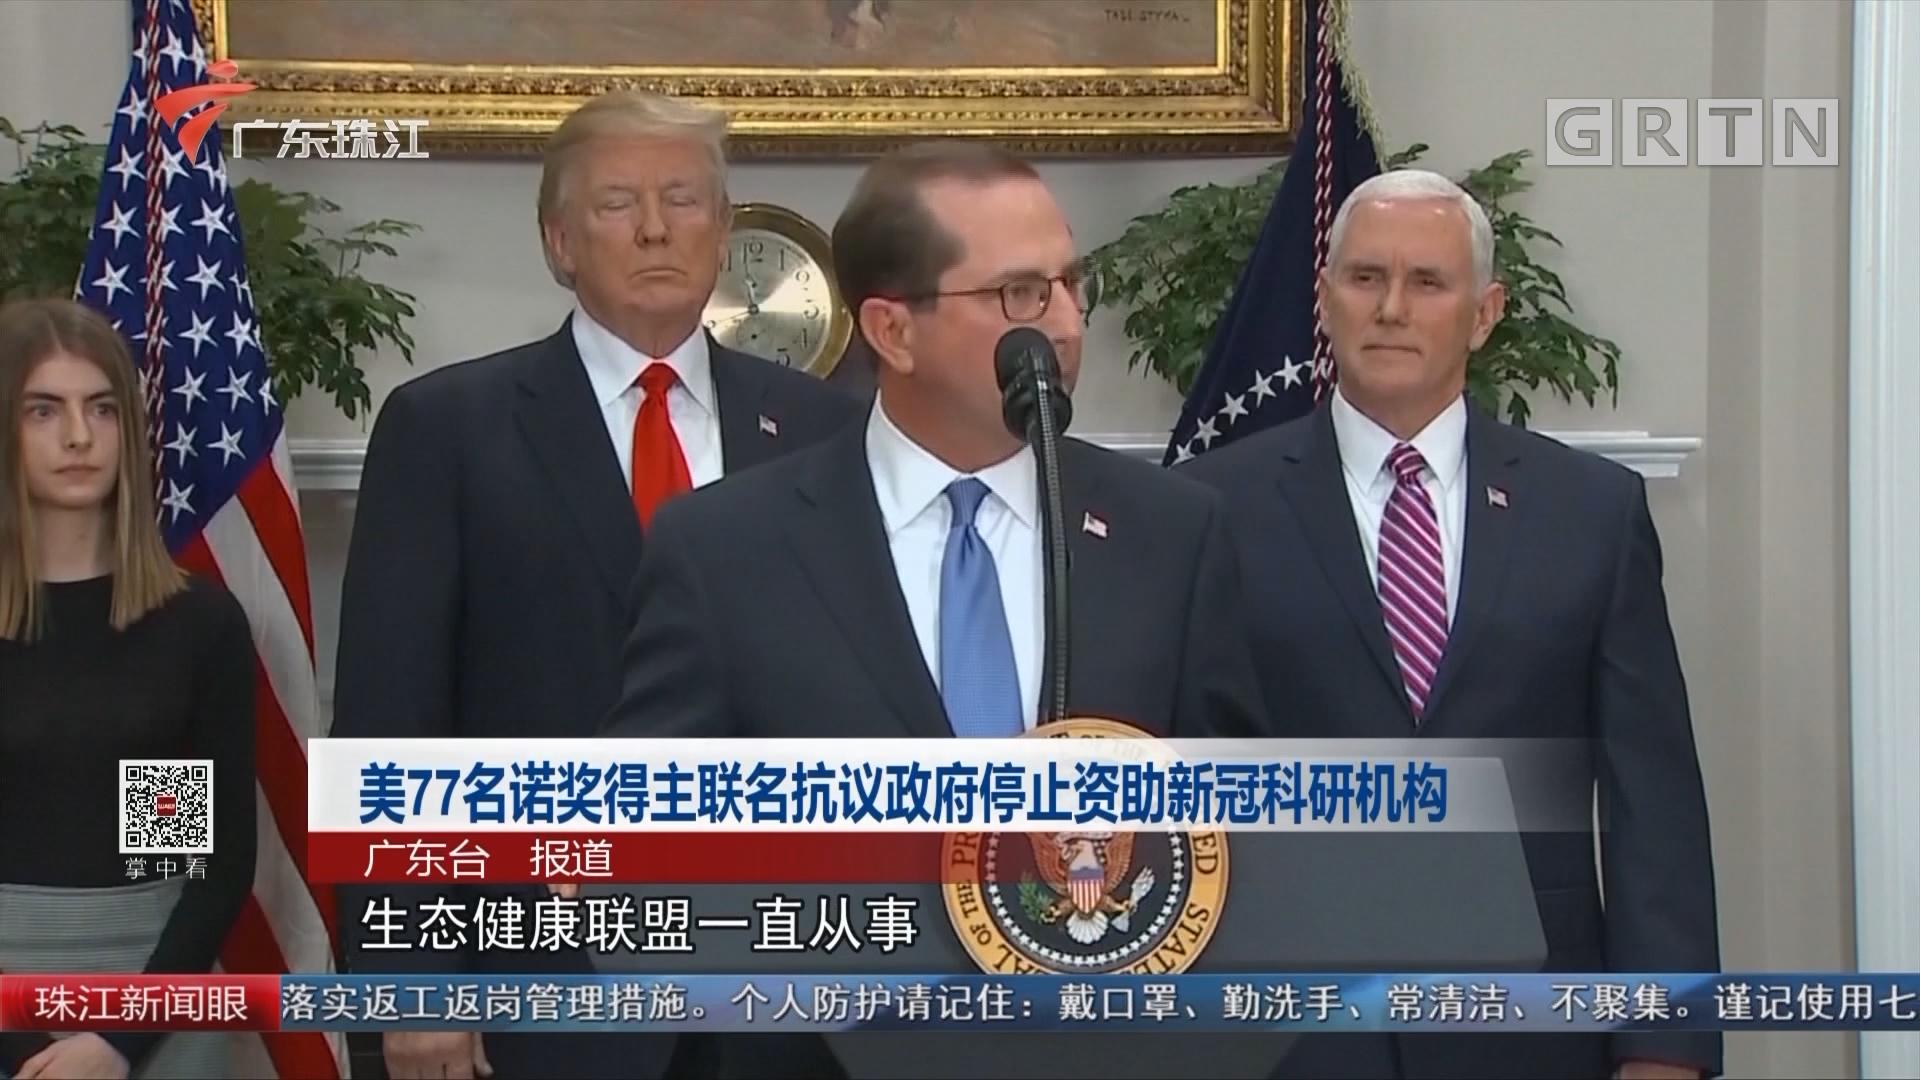 美77名诺奖得主联名抗议政府停止资助新冠科研机构